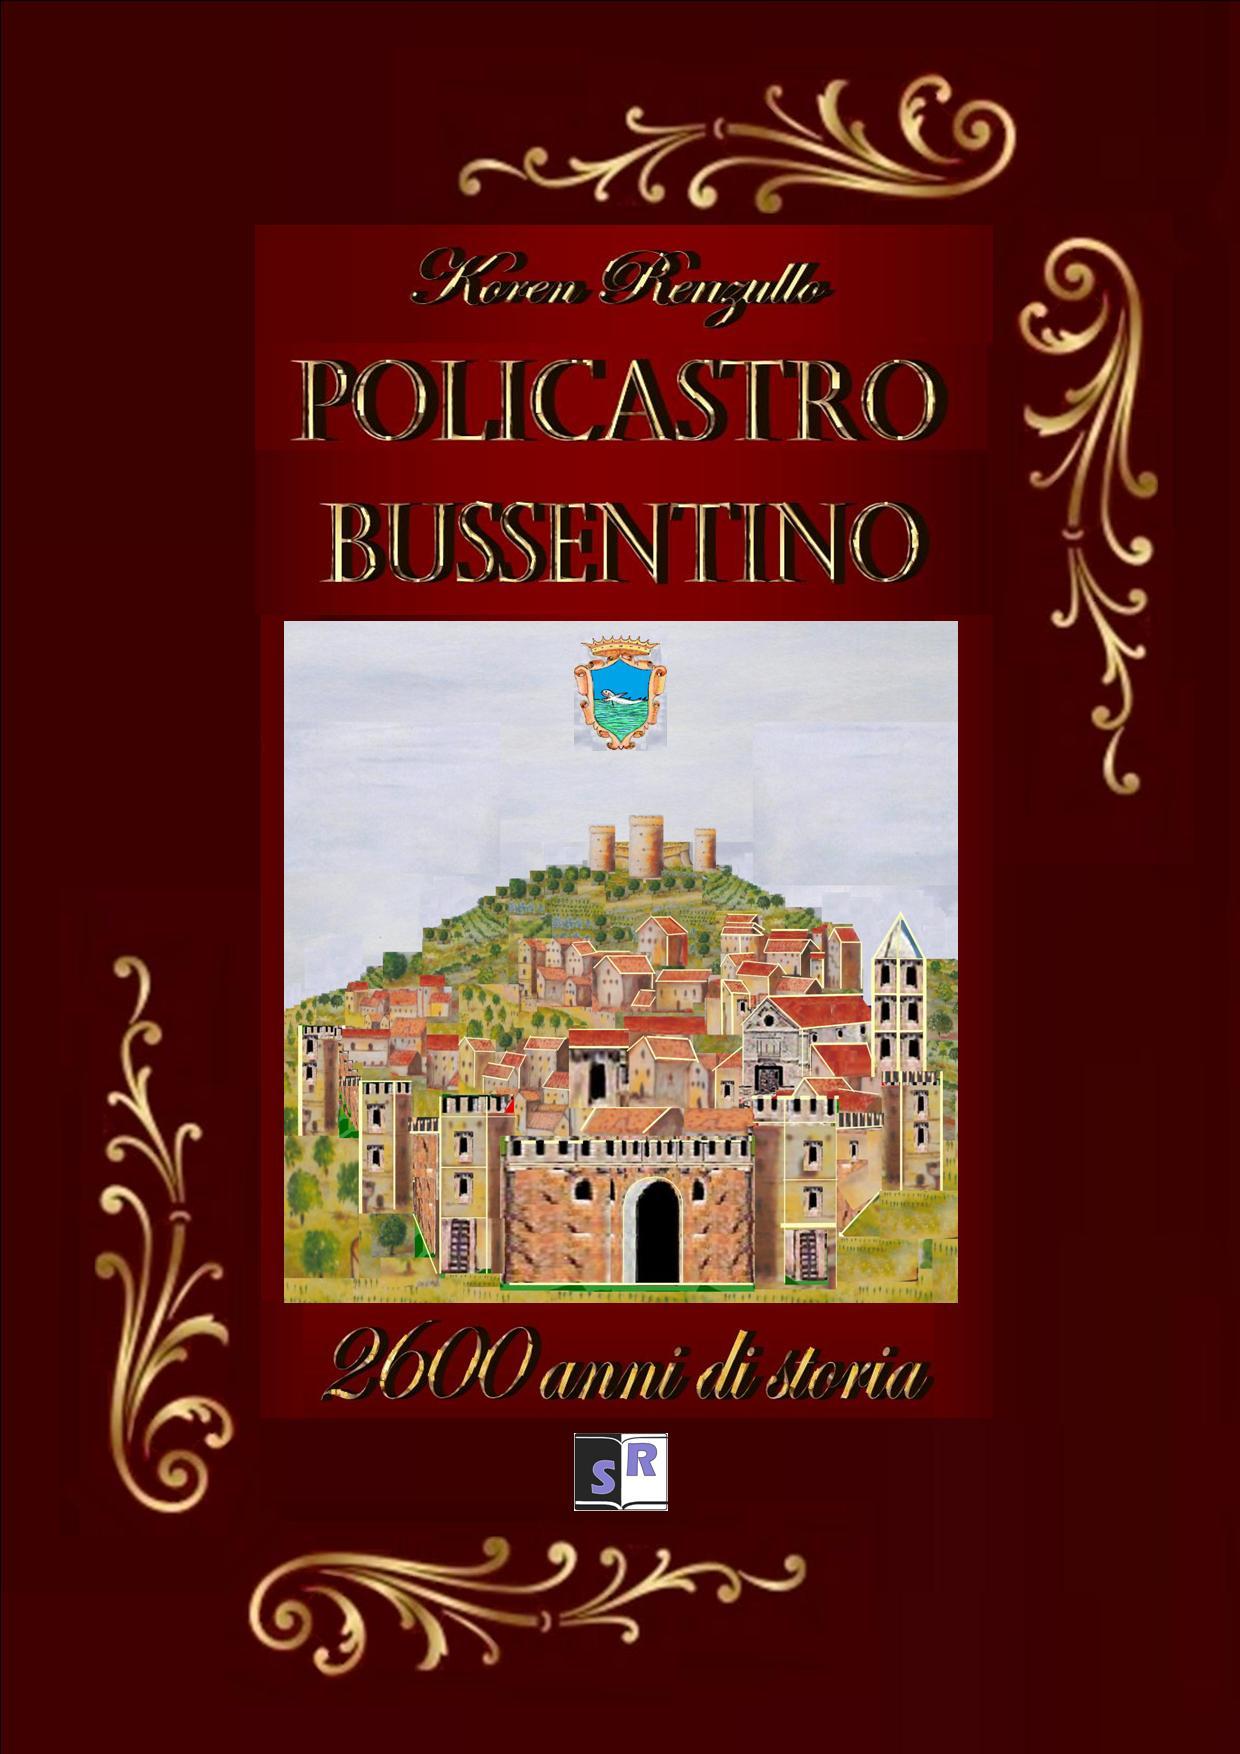 Policastro Bussentino - 2600 anni di storia